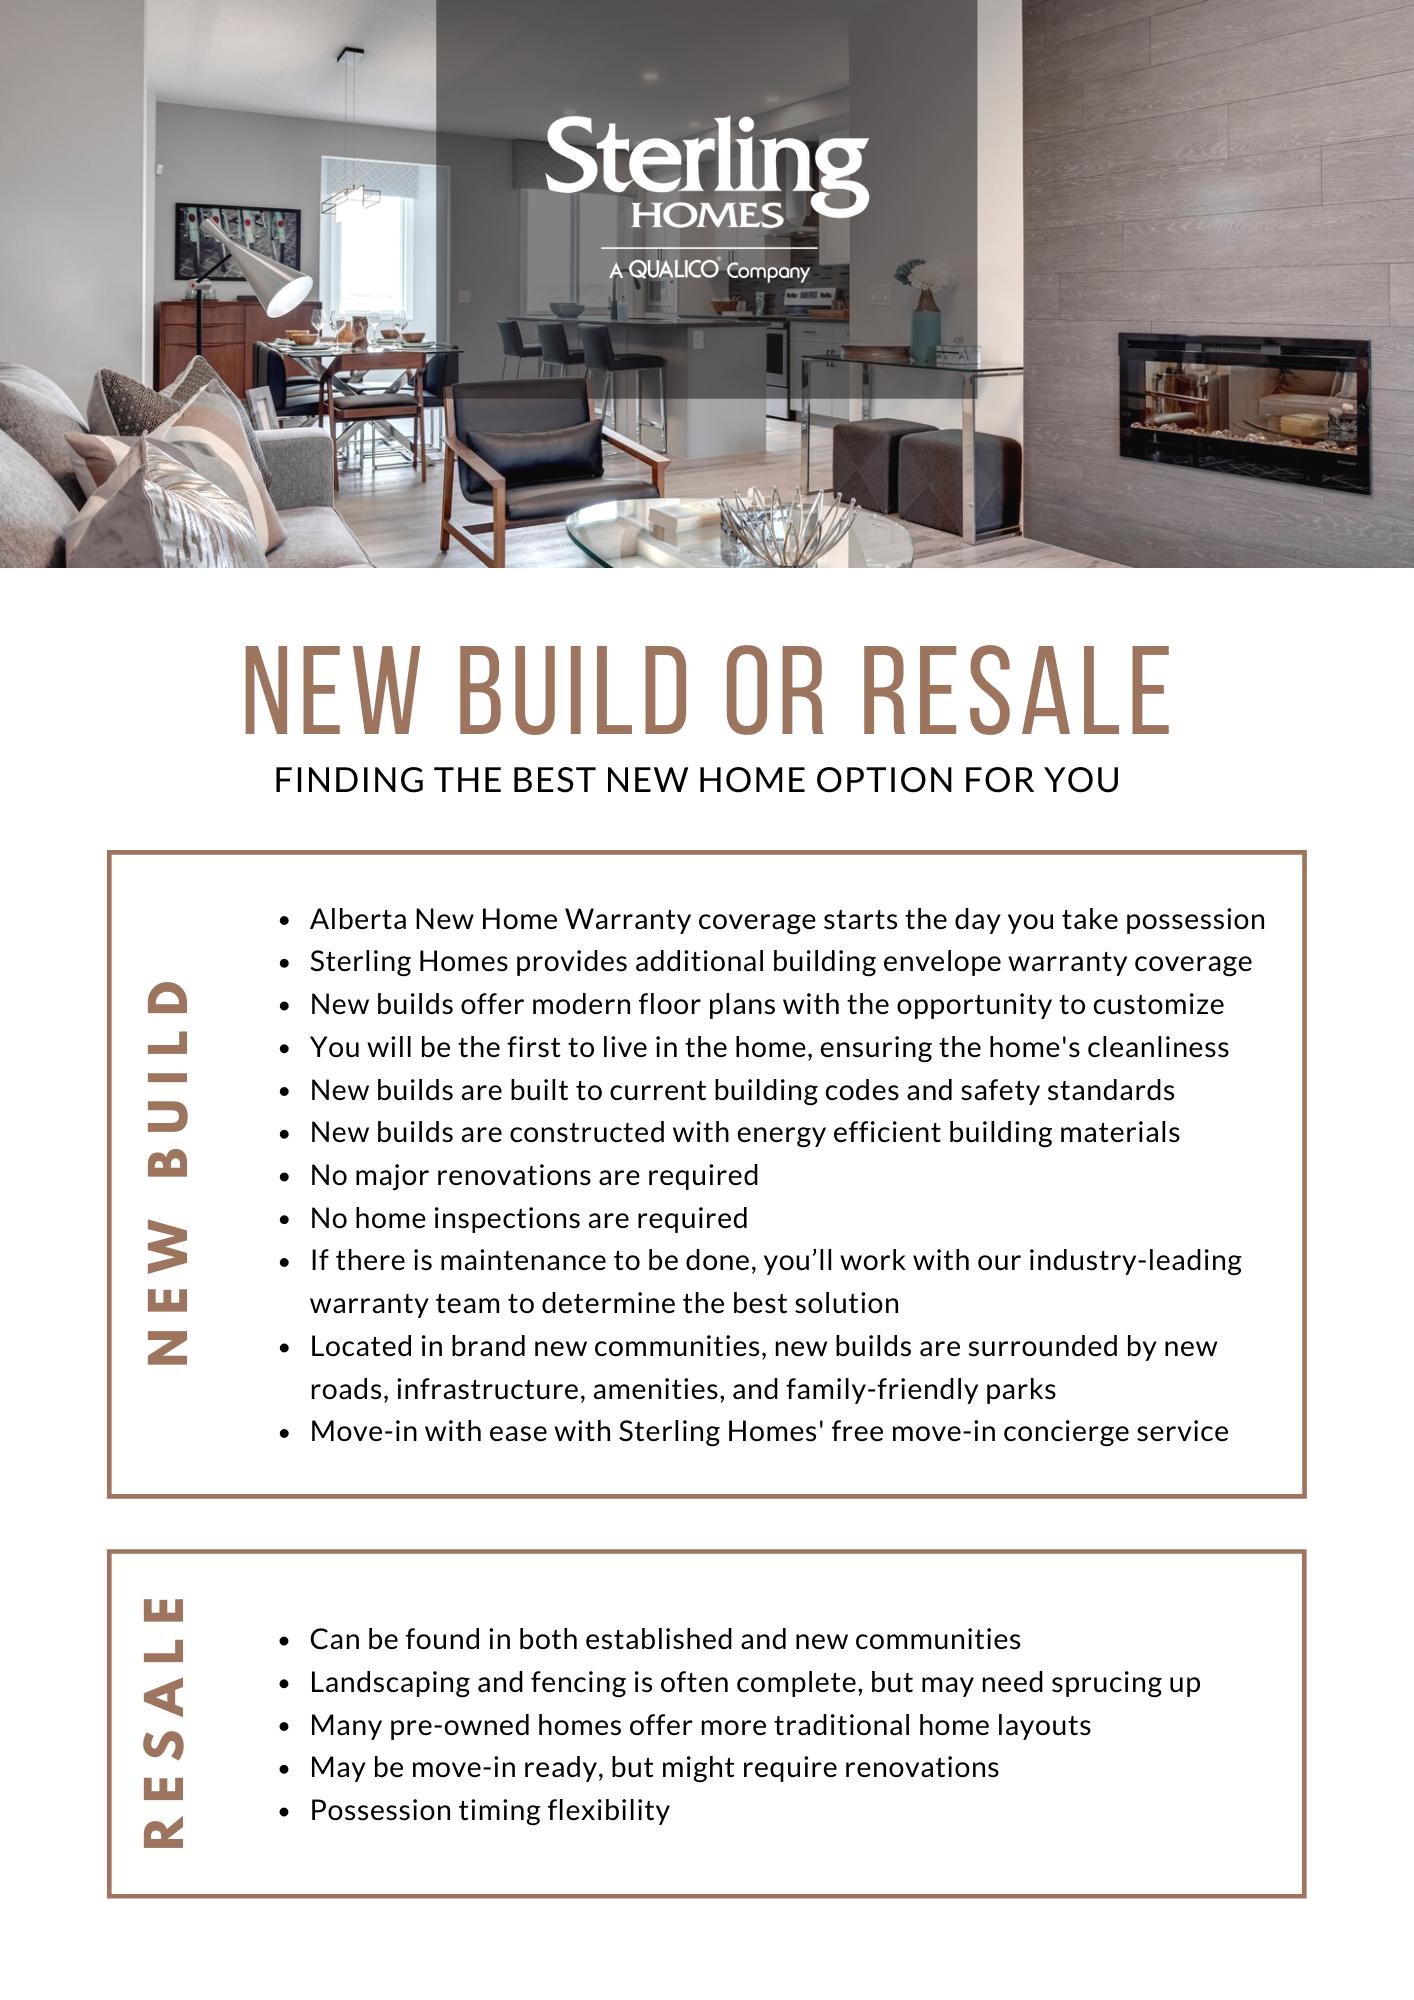 2020.05.14 New Build Versus Resale vA